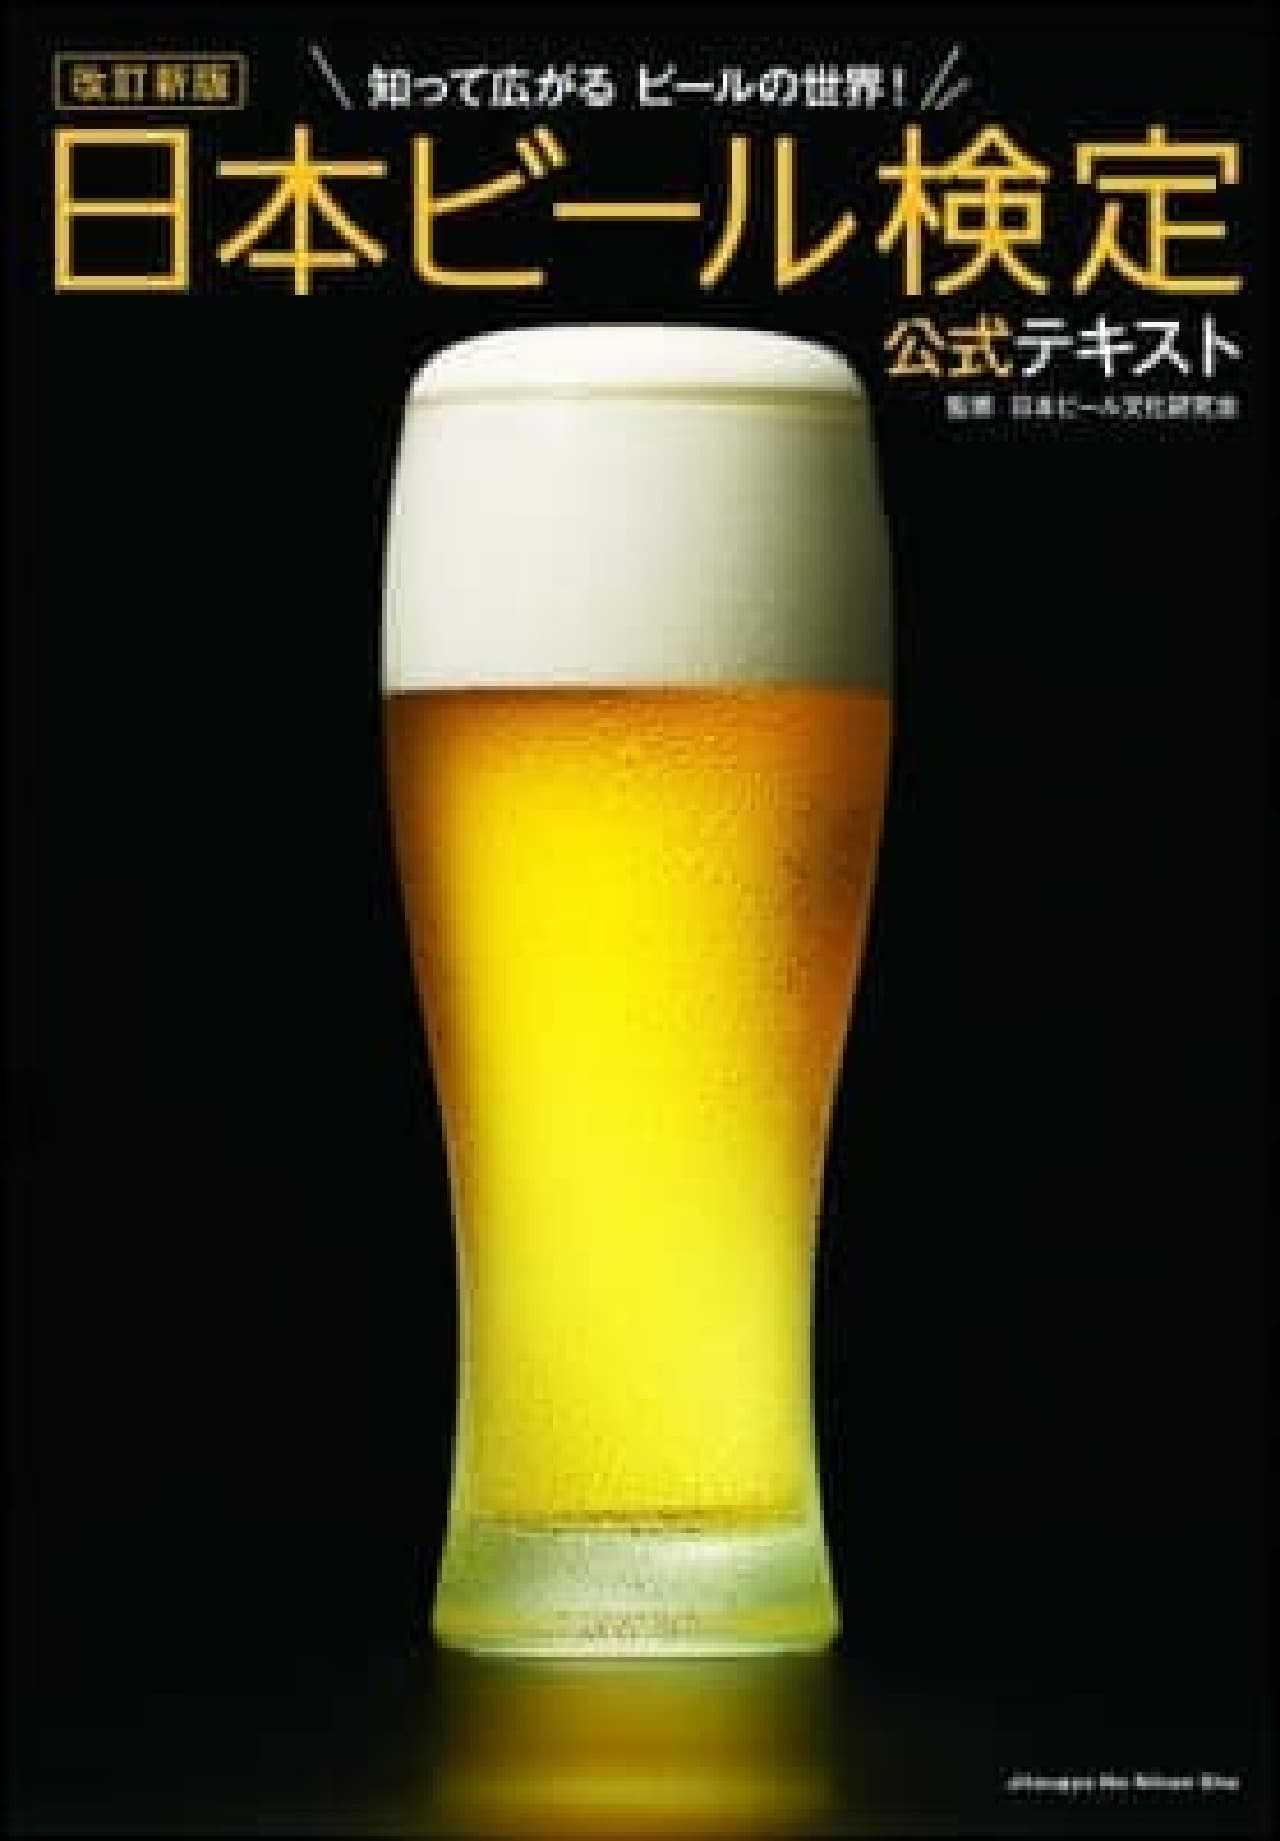 ビールへの愛が試される